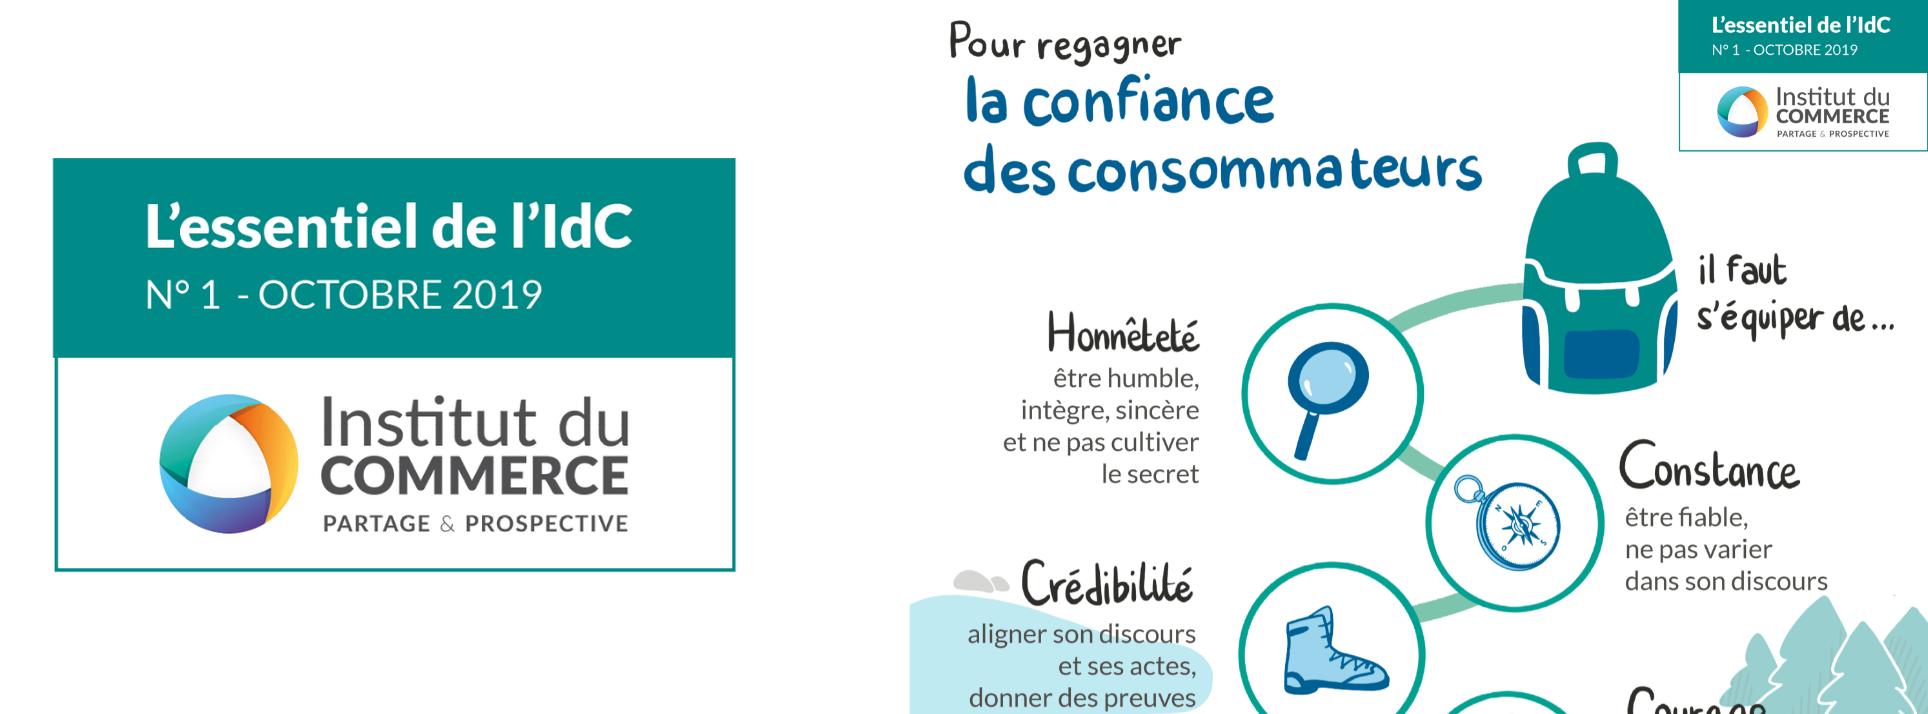 Essentiel#1 : Comment regagner la confiance des consommateurs?